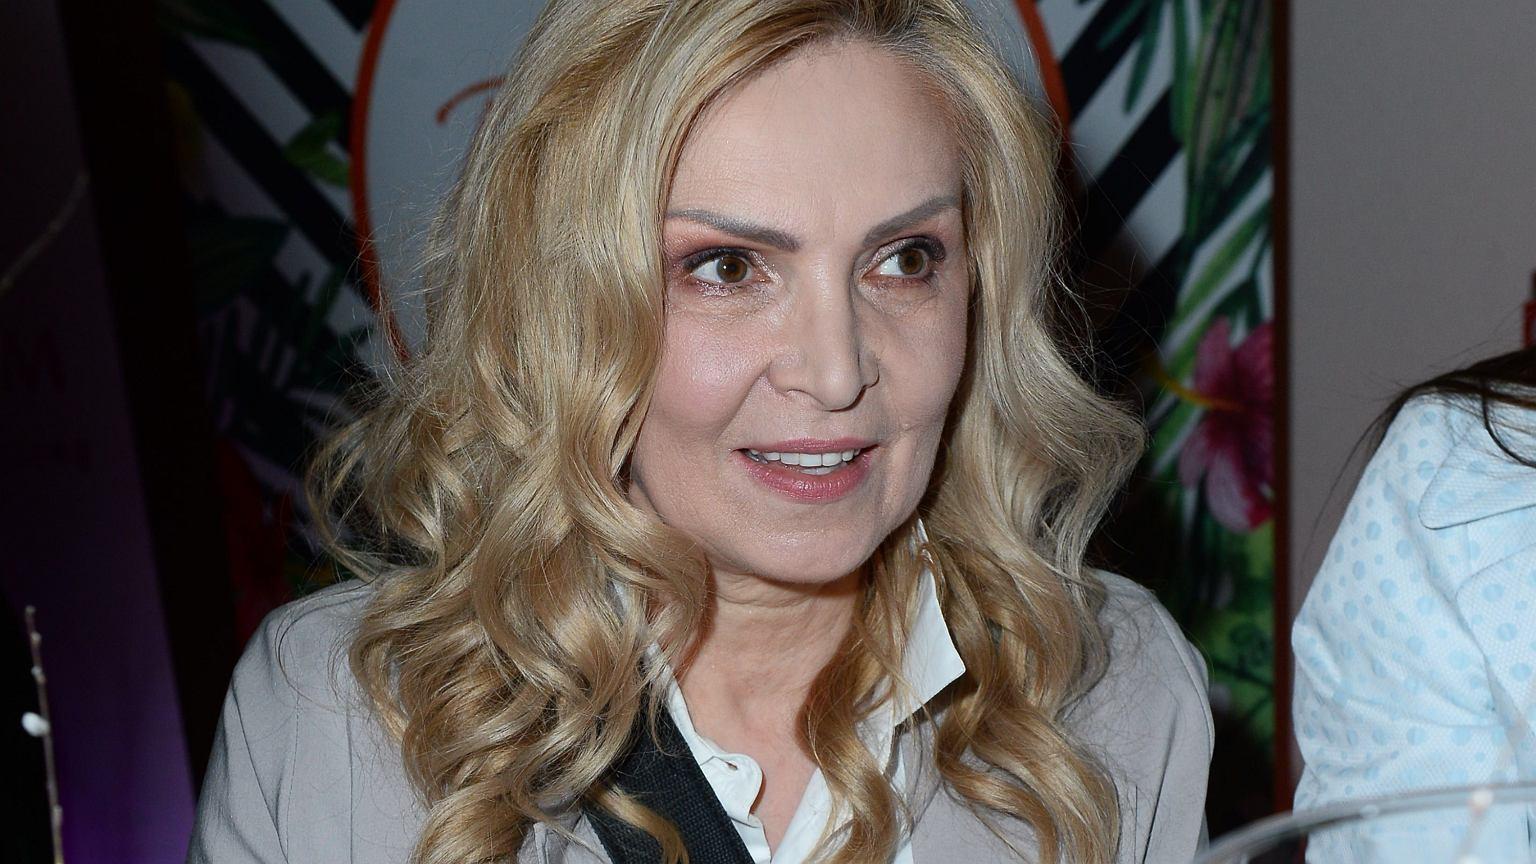 Sylwia Wysocka dotkliwie pobita i okradziona.